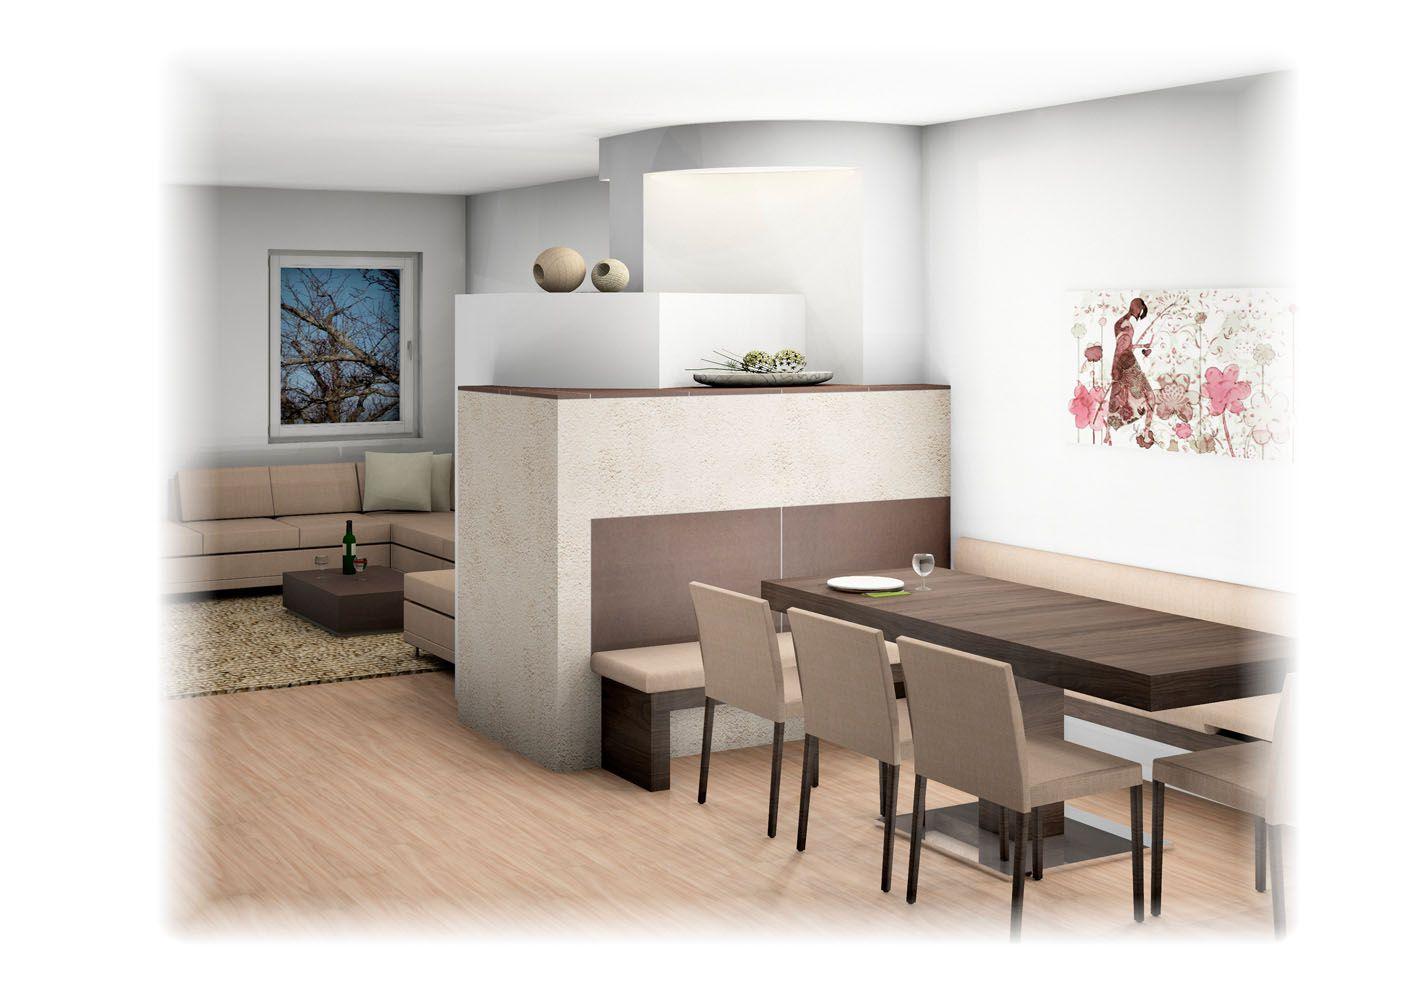 Full Size of Eckbankgruppe Poco Bett 140x200 Big Sofa Betten Küche Schlafzimmer Komplett Wohnzimmer Eckbankgruppe Poco